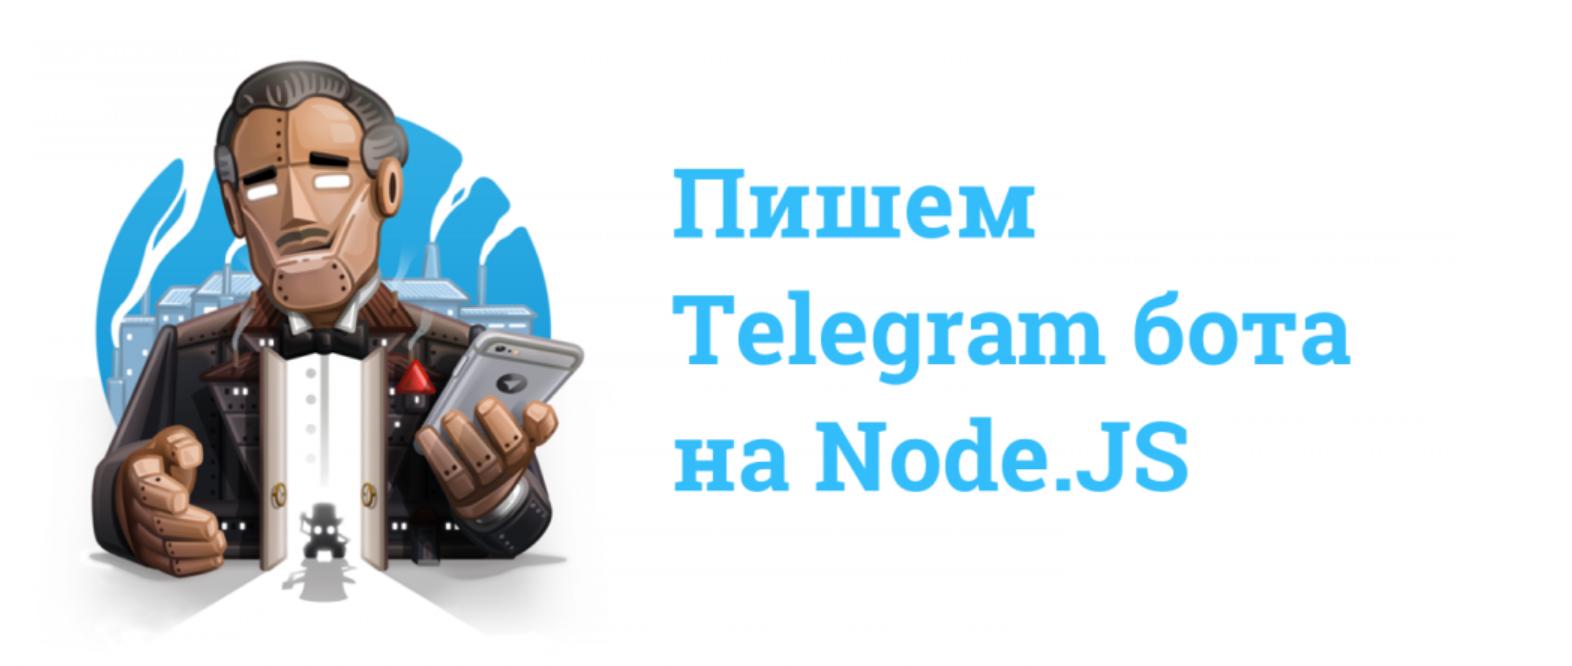 Руководство: как сделать простого бота для Телеграм на JS для новичка в программировании - 3